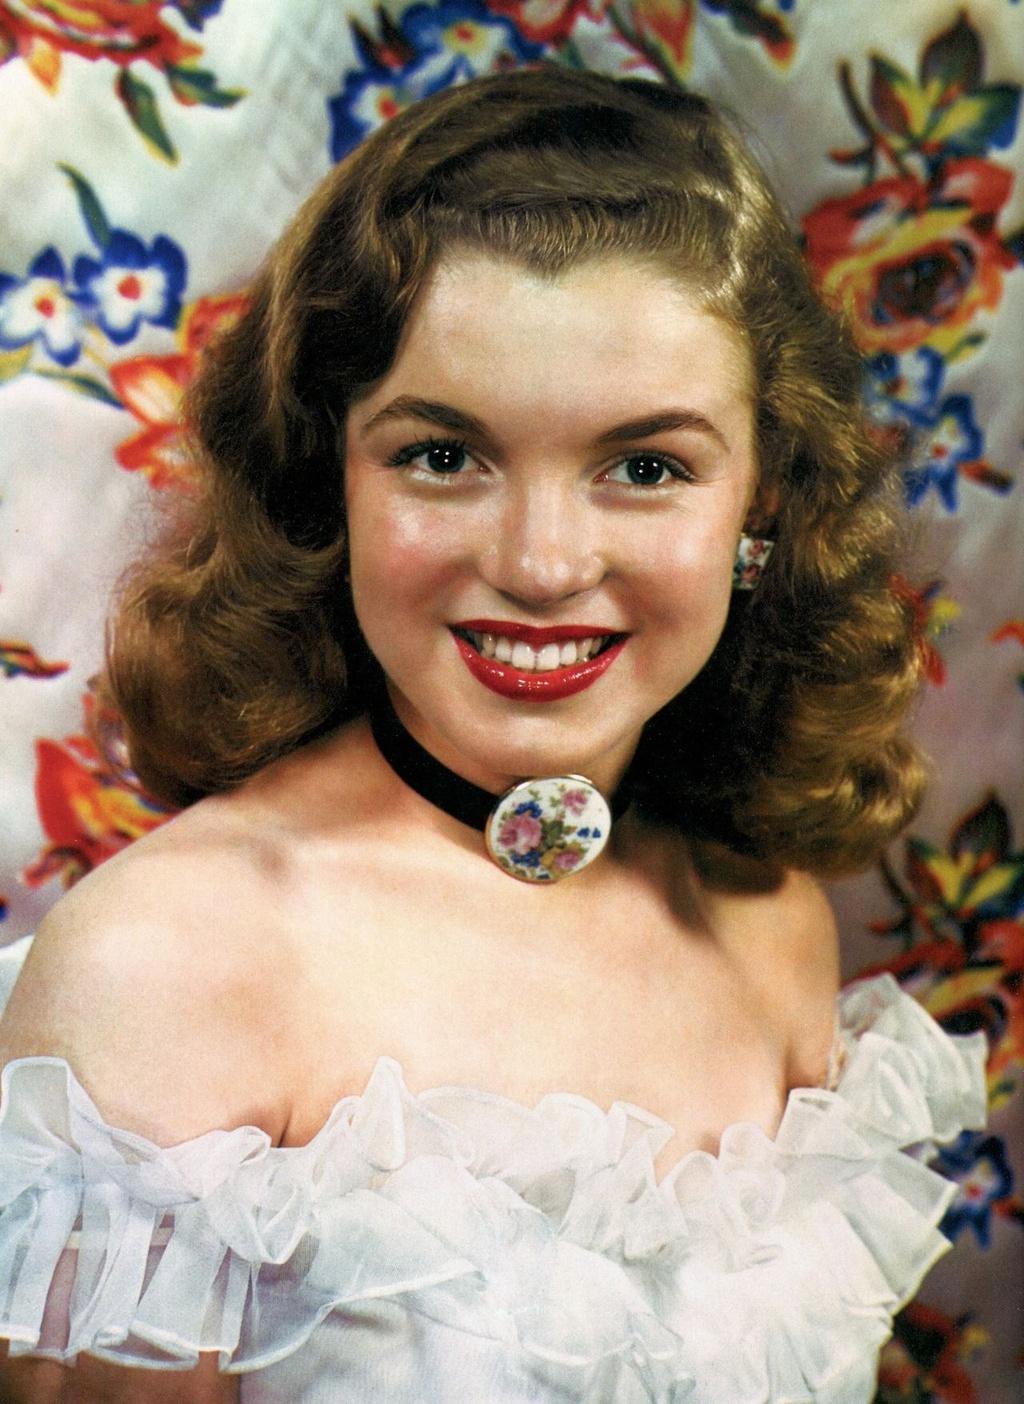 Nhan sắc khuynh đảo một thời của biểu tượng điện ảnh Marilyn Monroe Ảnh 1